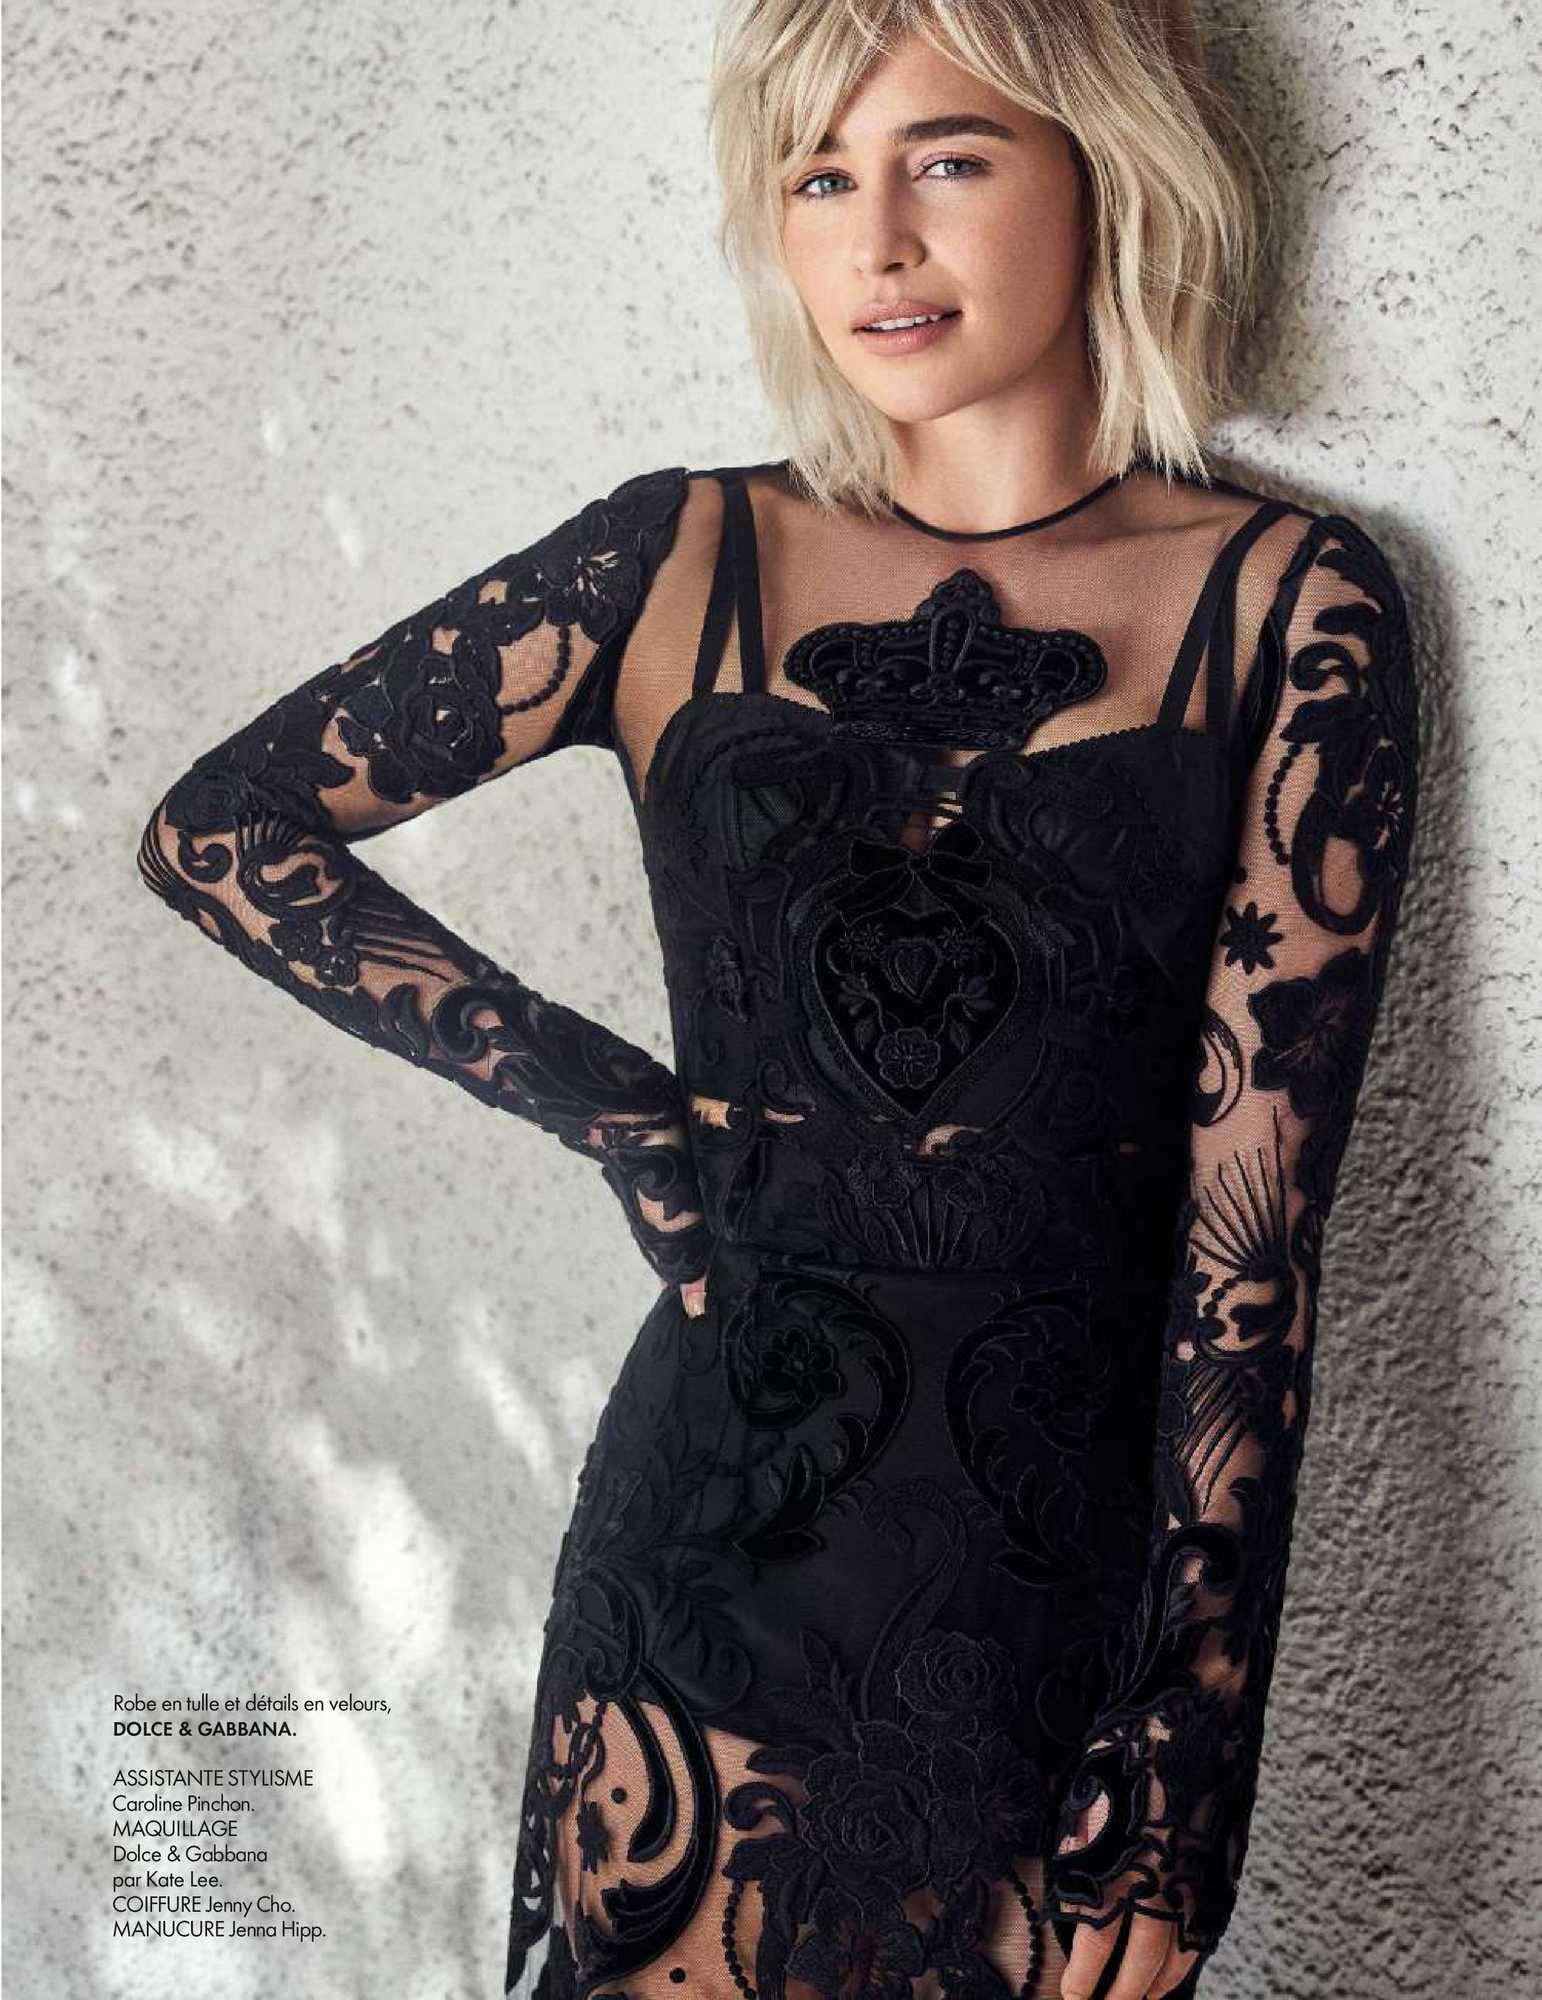 Emilia-Clarke-Elle-France-23-November-20183.jpg